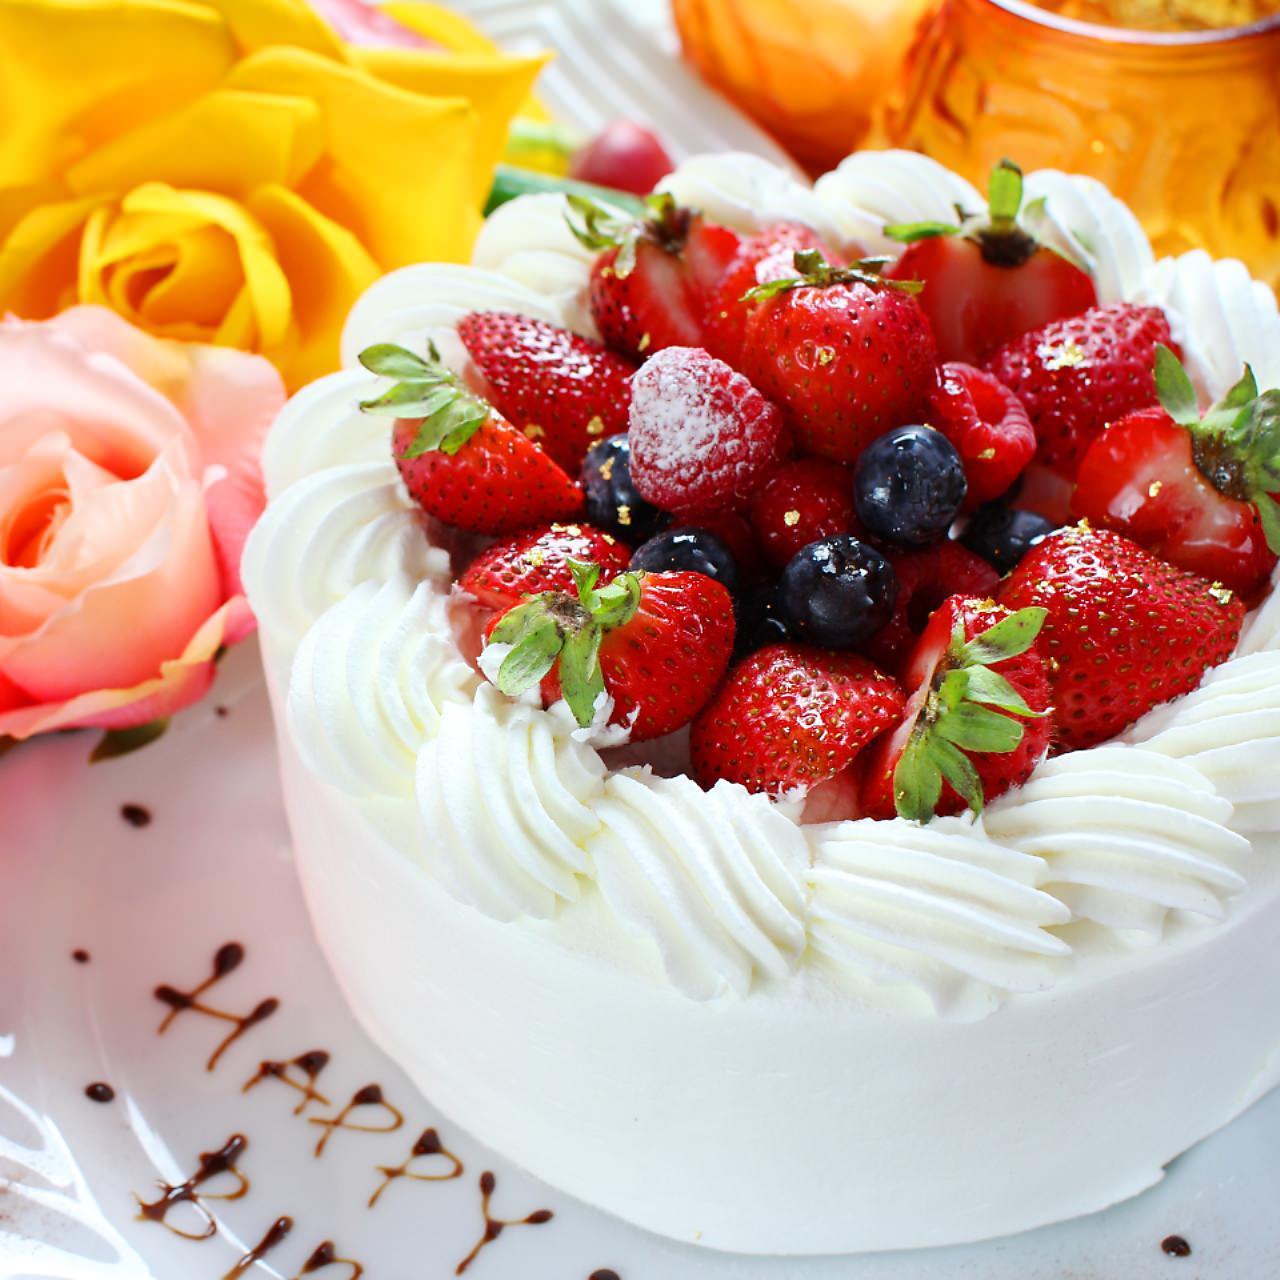 誕生日ホールケーキ無料贈呈♪